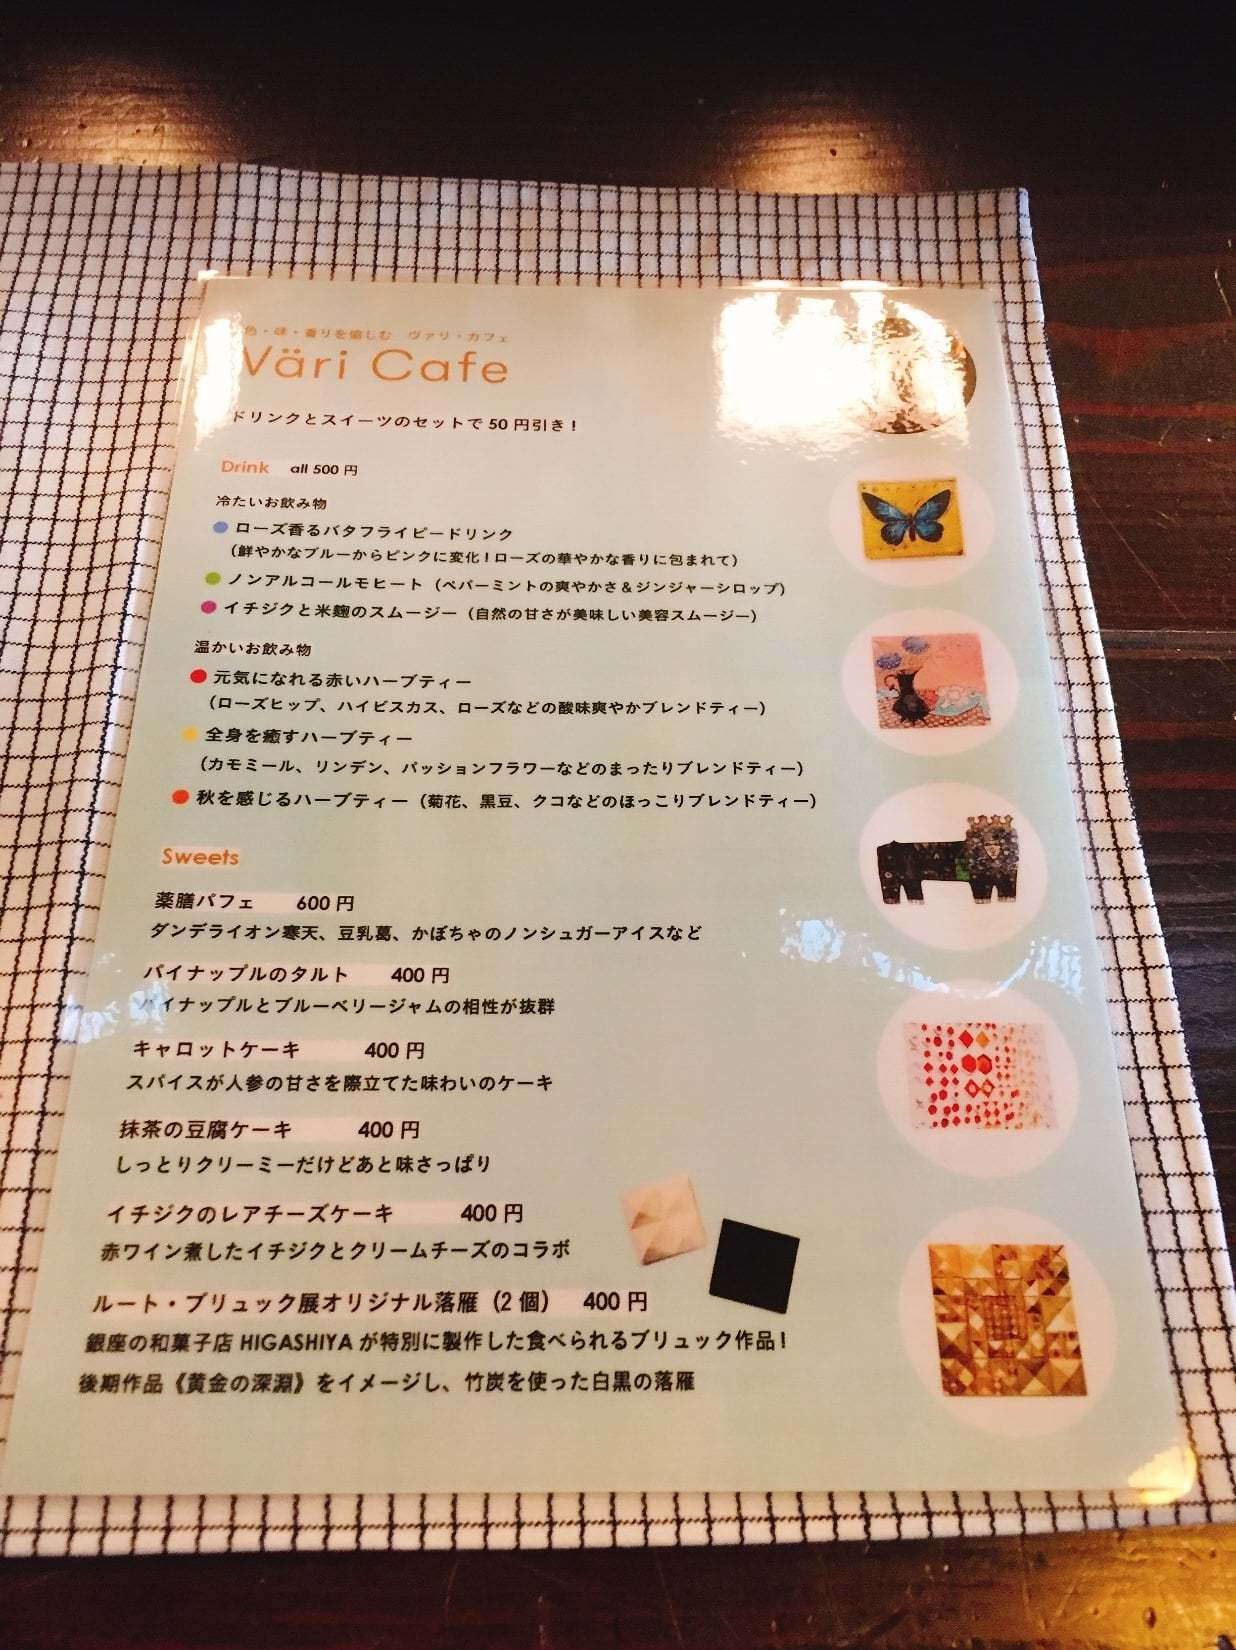 2019.9.21(土)・9.21(日) 期間限定カフェ『Väri Cafe(ヴァリ・カフェ)』オープン_b0133727_01471841.jpg